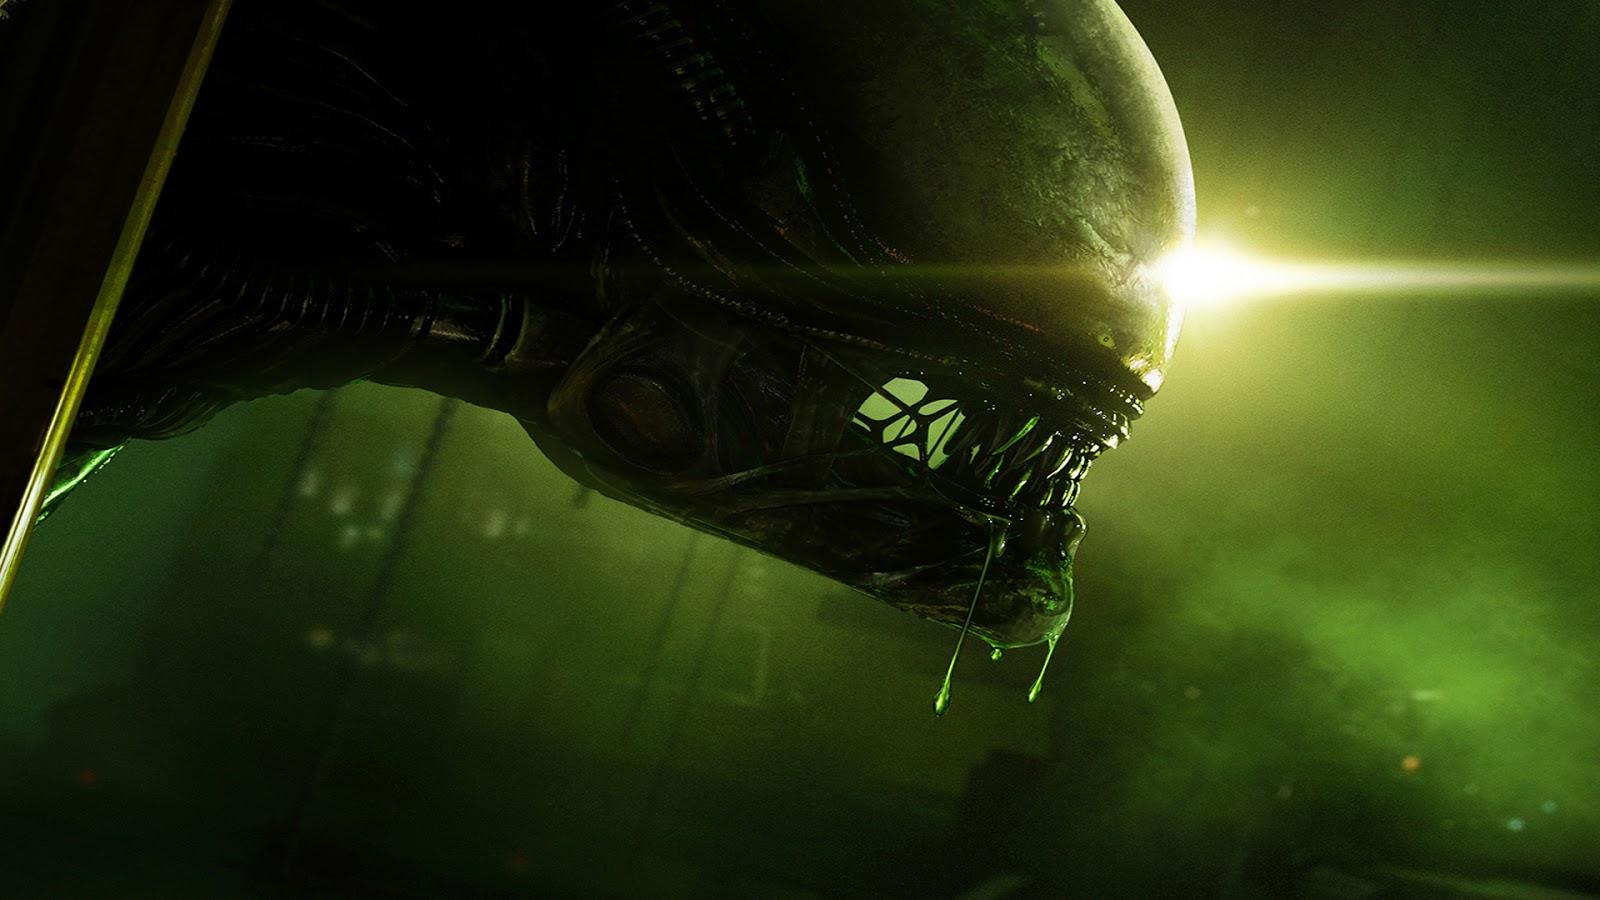 Alien | Série de TV está em desenvolvimento pelo FX